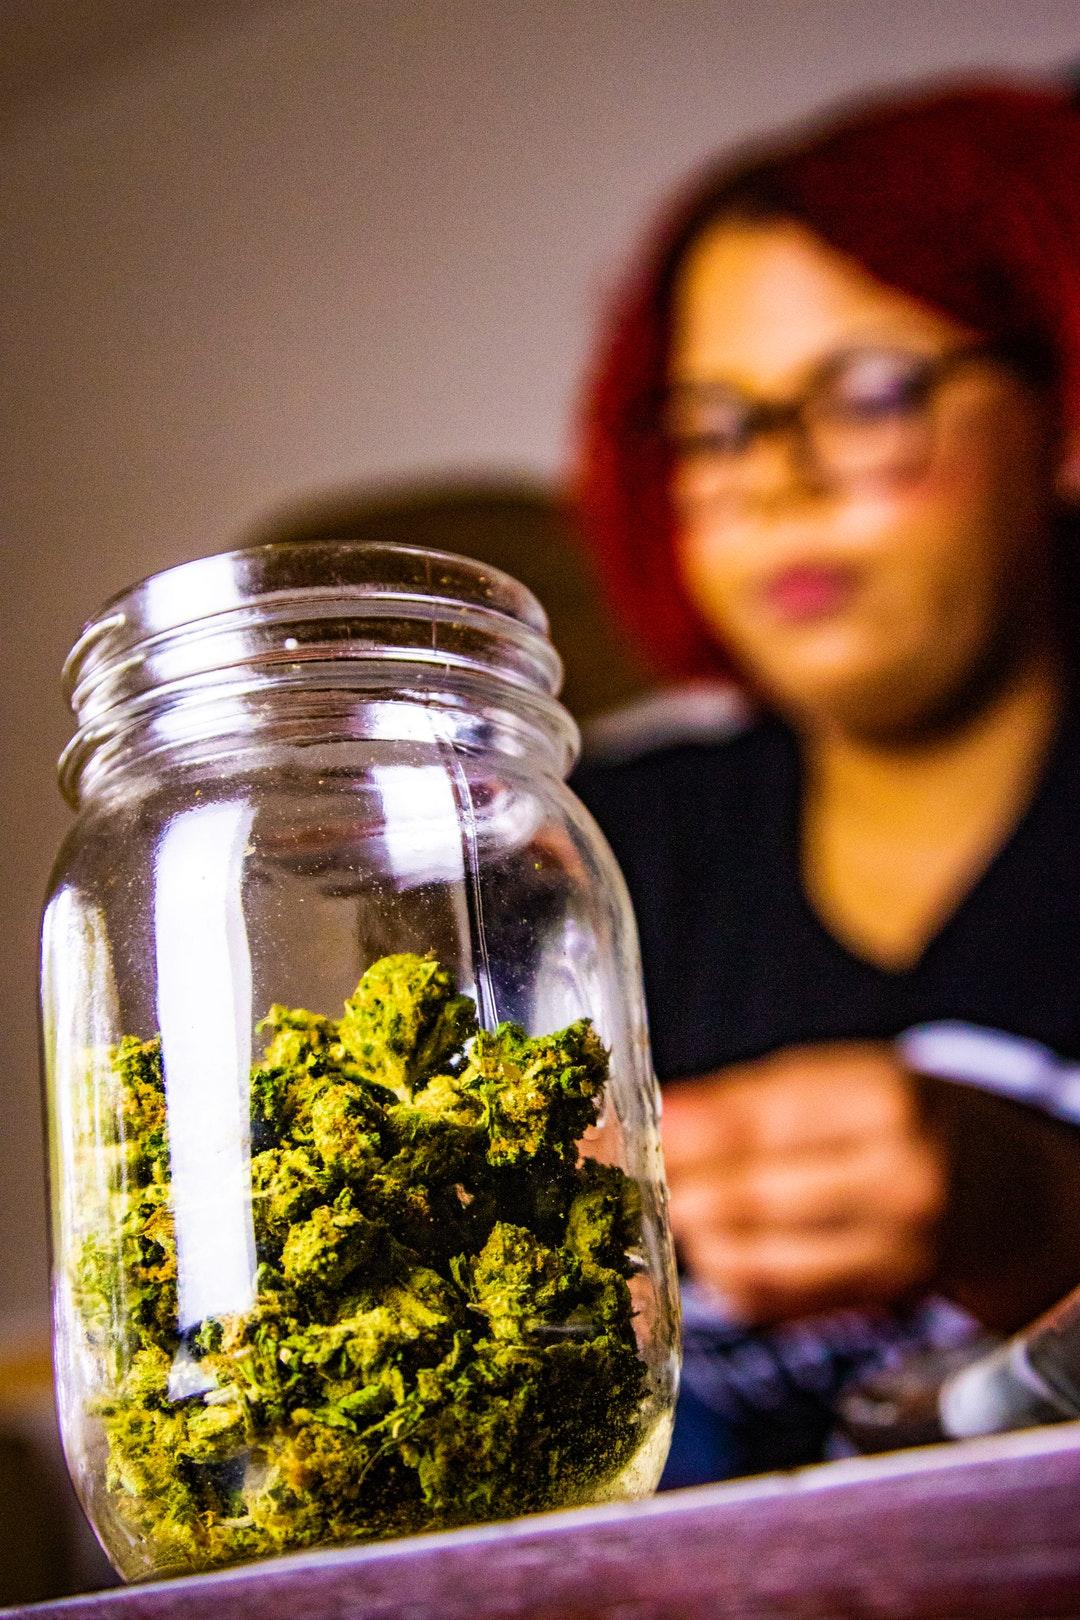 jar of weed